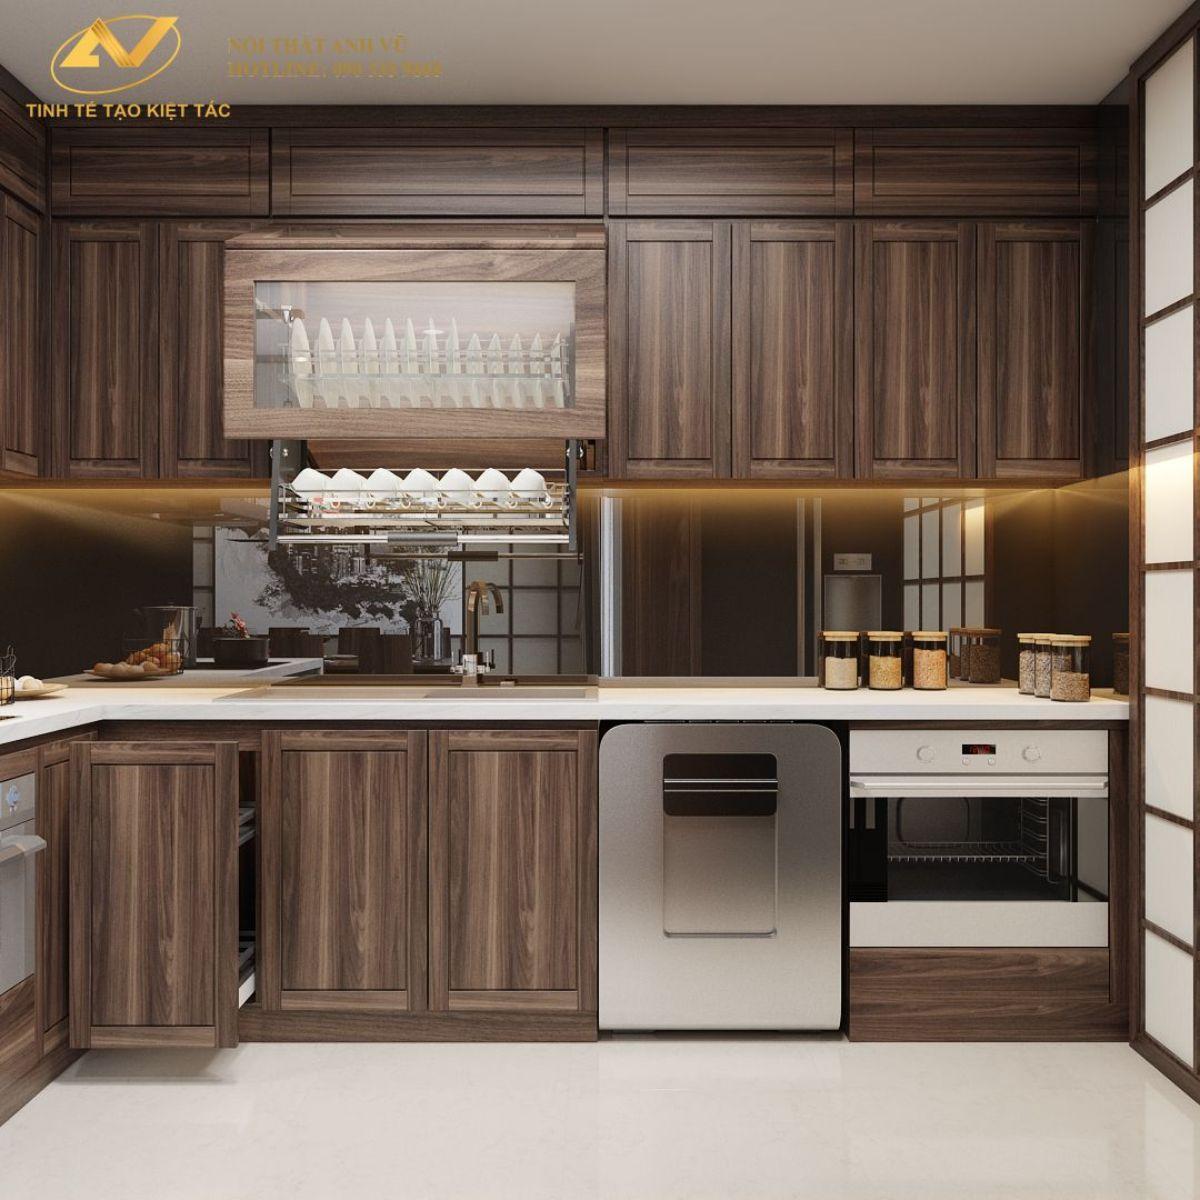 Phòng bếp chung cư 130m2 Anh Hoài 3